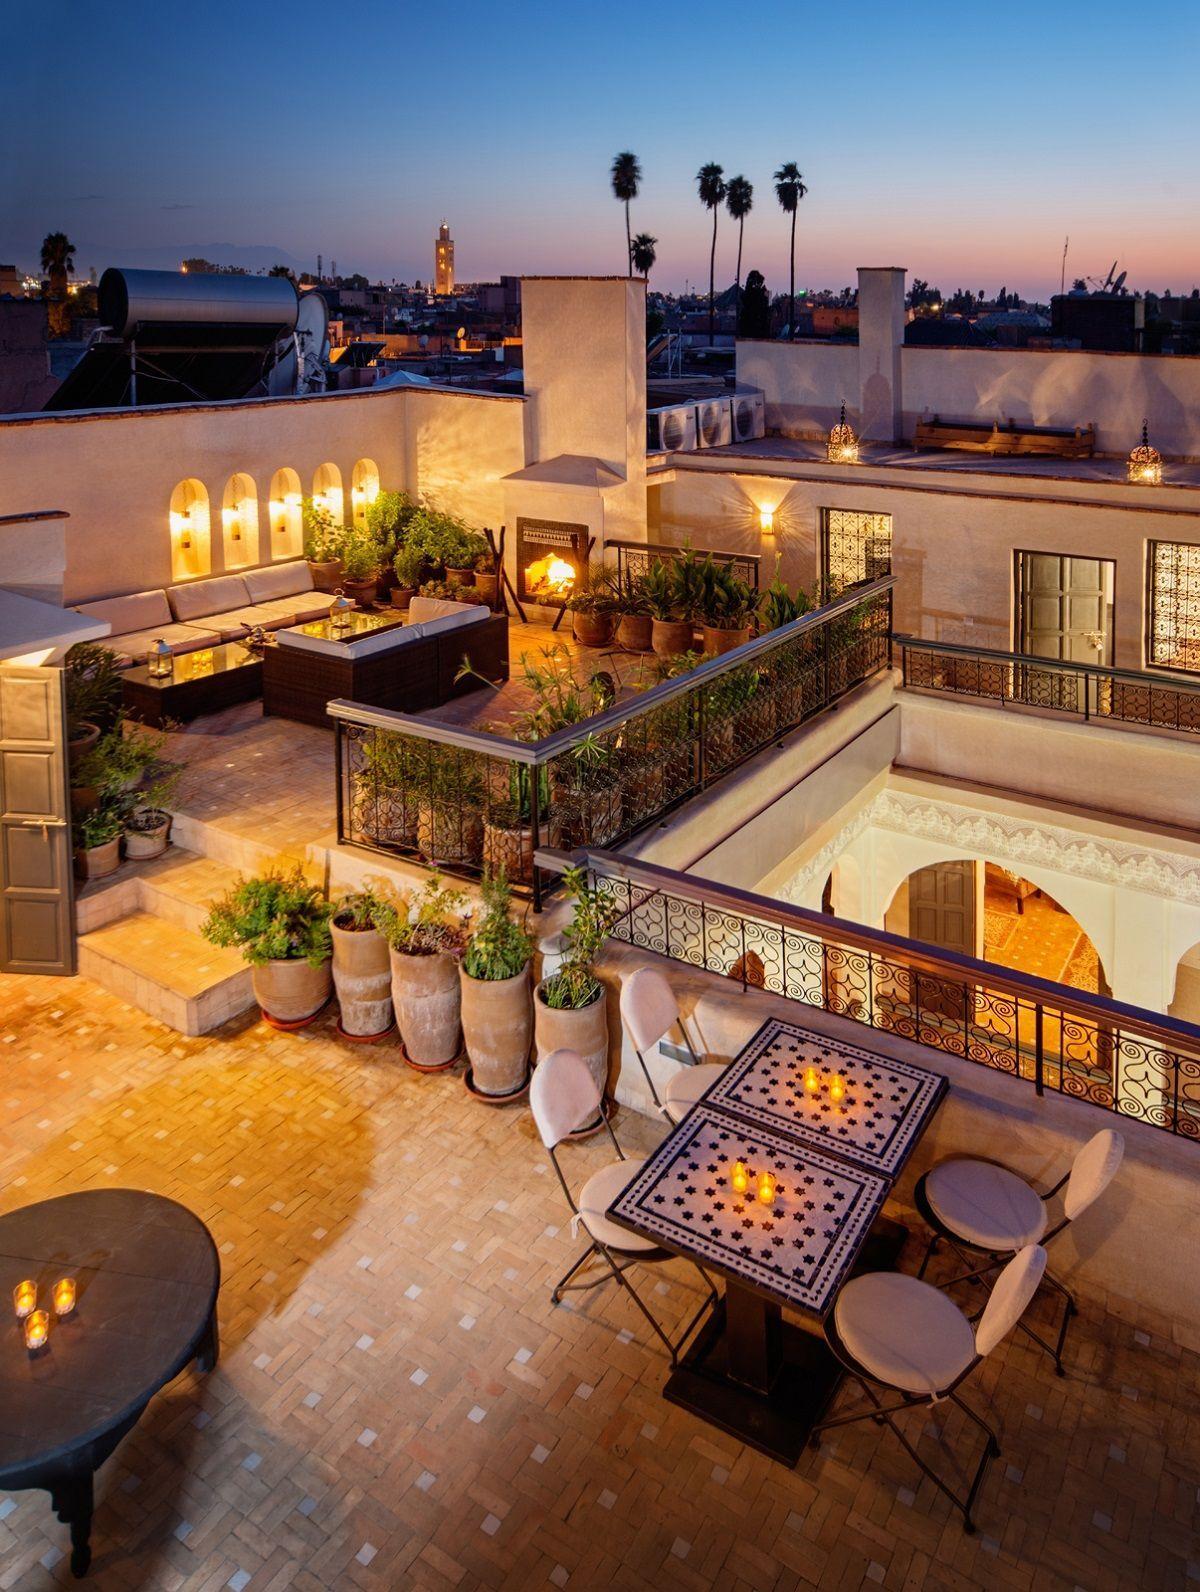 Rooftop Designs Rooftop Decor Rooftop Garden Rooftop Terrace Rooftop Patios Rooftop Remodeling Outdoo Rooftop Decor Rooftop Terrace Design Rooftop Design